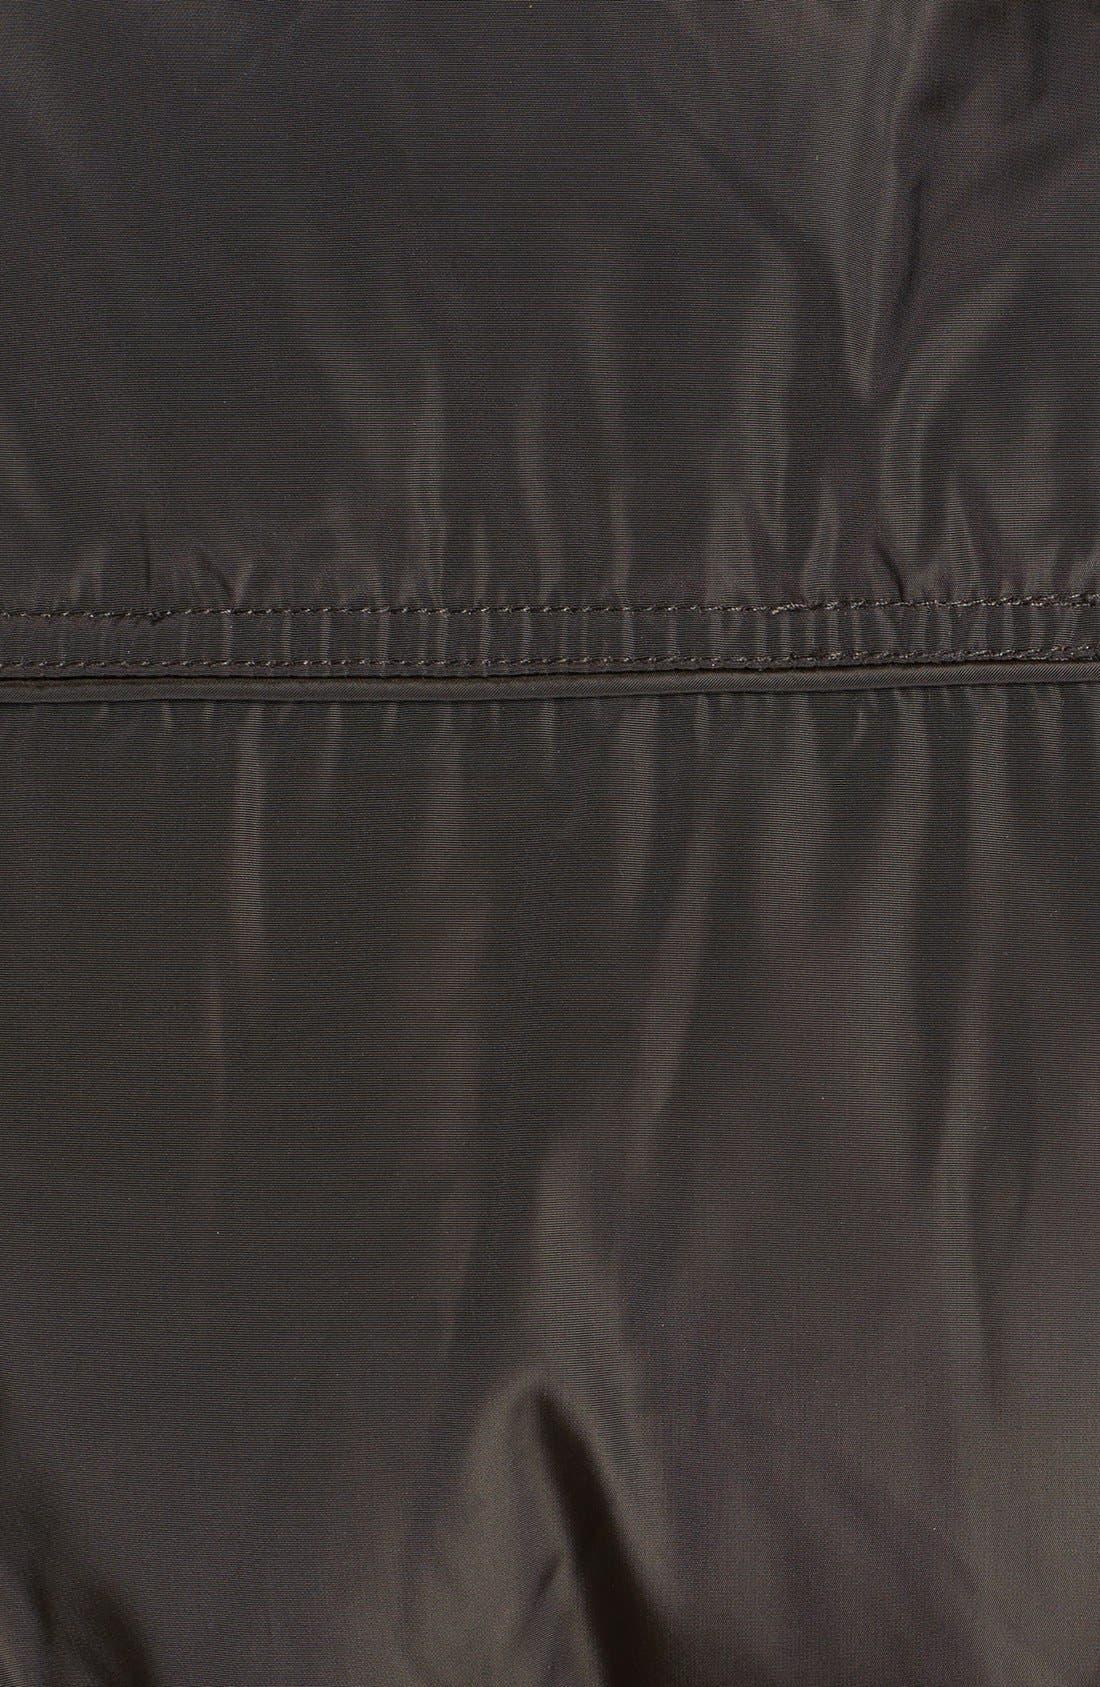 MICHAEL MICHAEL KORS,                             Faux Fur Trim Quilted Coat,                             Alternate thumbnail 3, color,                             233